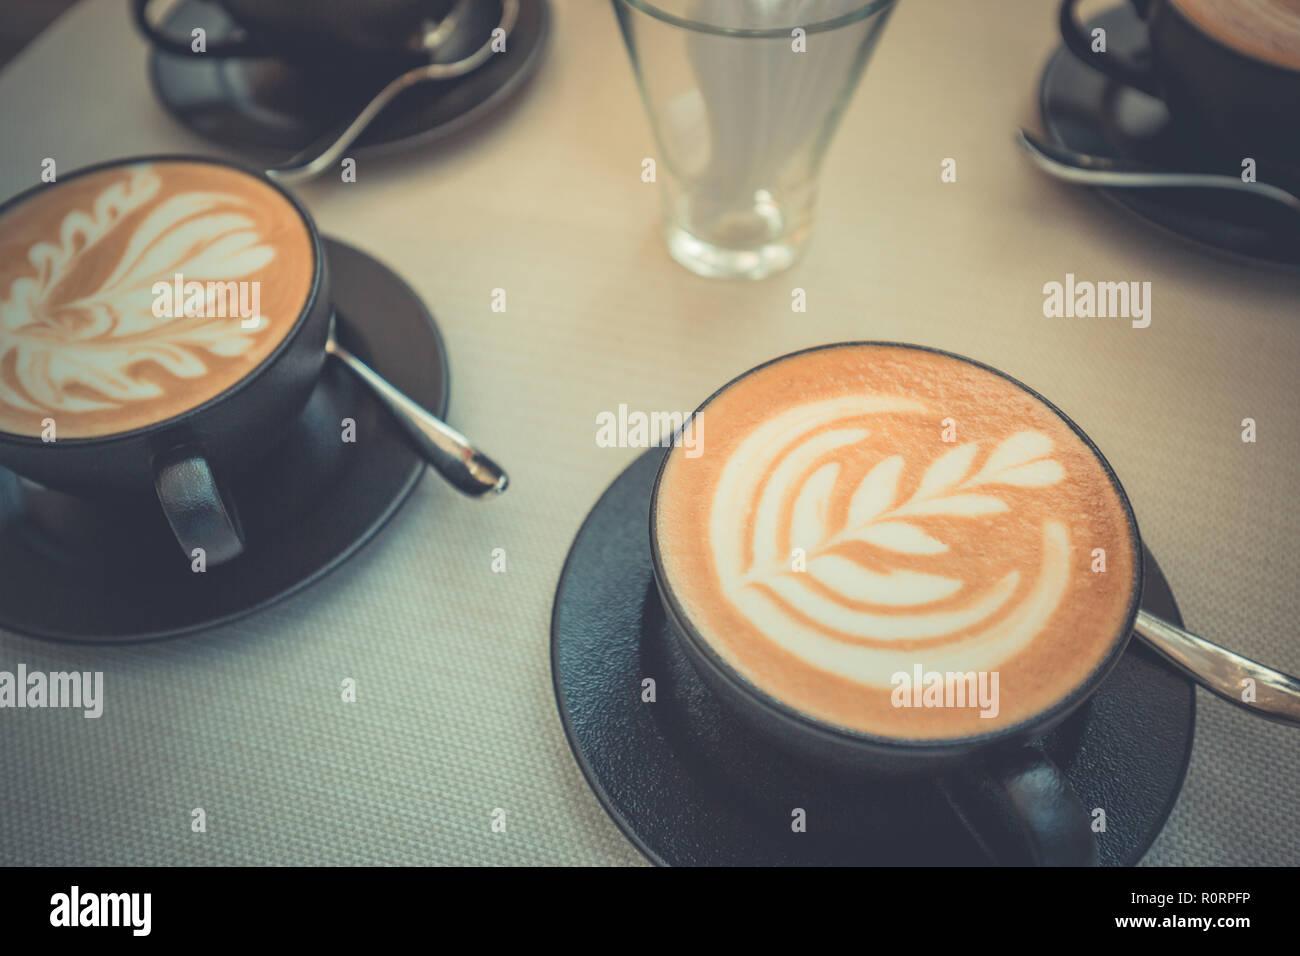 Latte art chaud dans une tasse sur la table en bois et un café avec l'arrière-plan flou flou de l'image. Latte art table basse vue d'en haut, heureux de l'humeur de détente Photo Stock